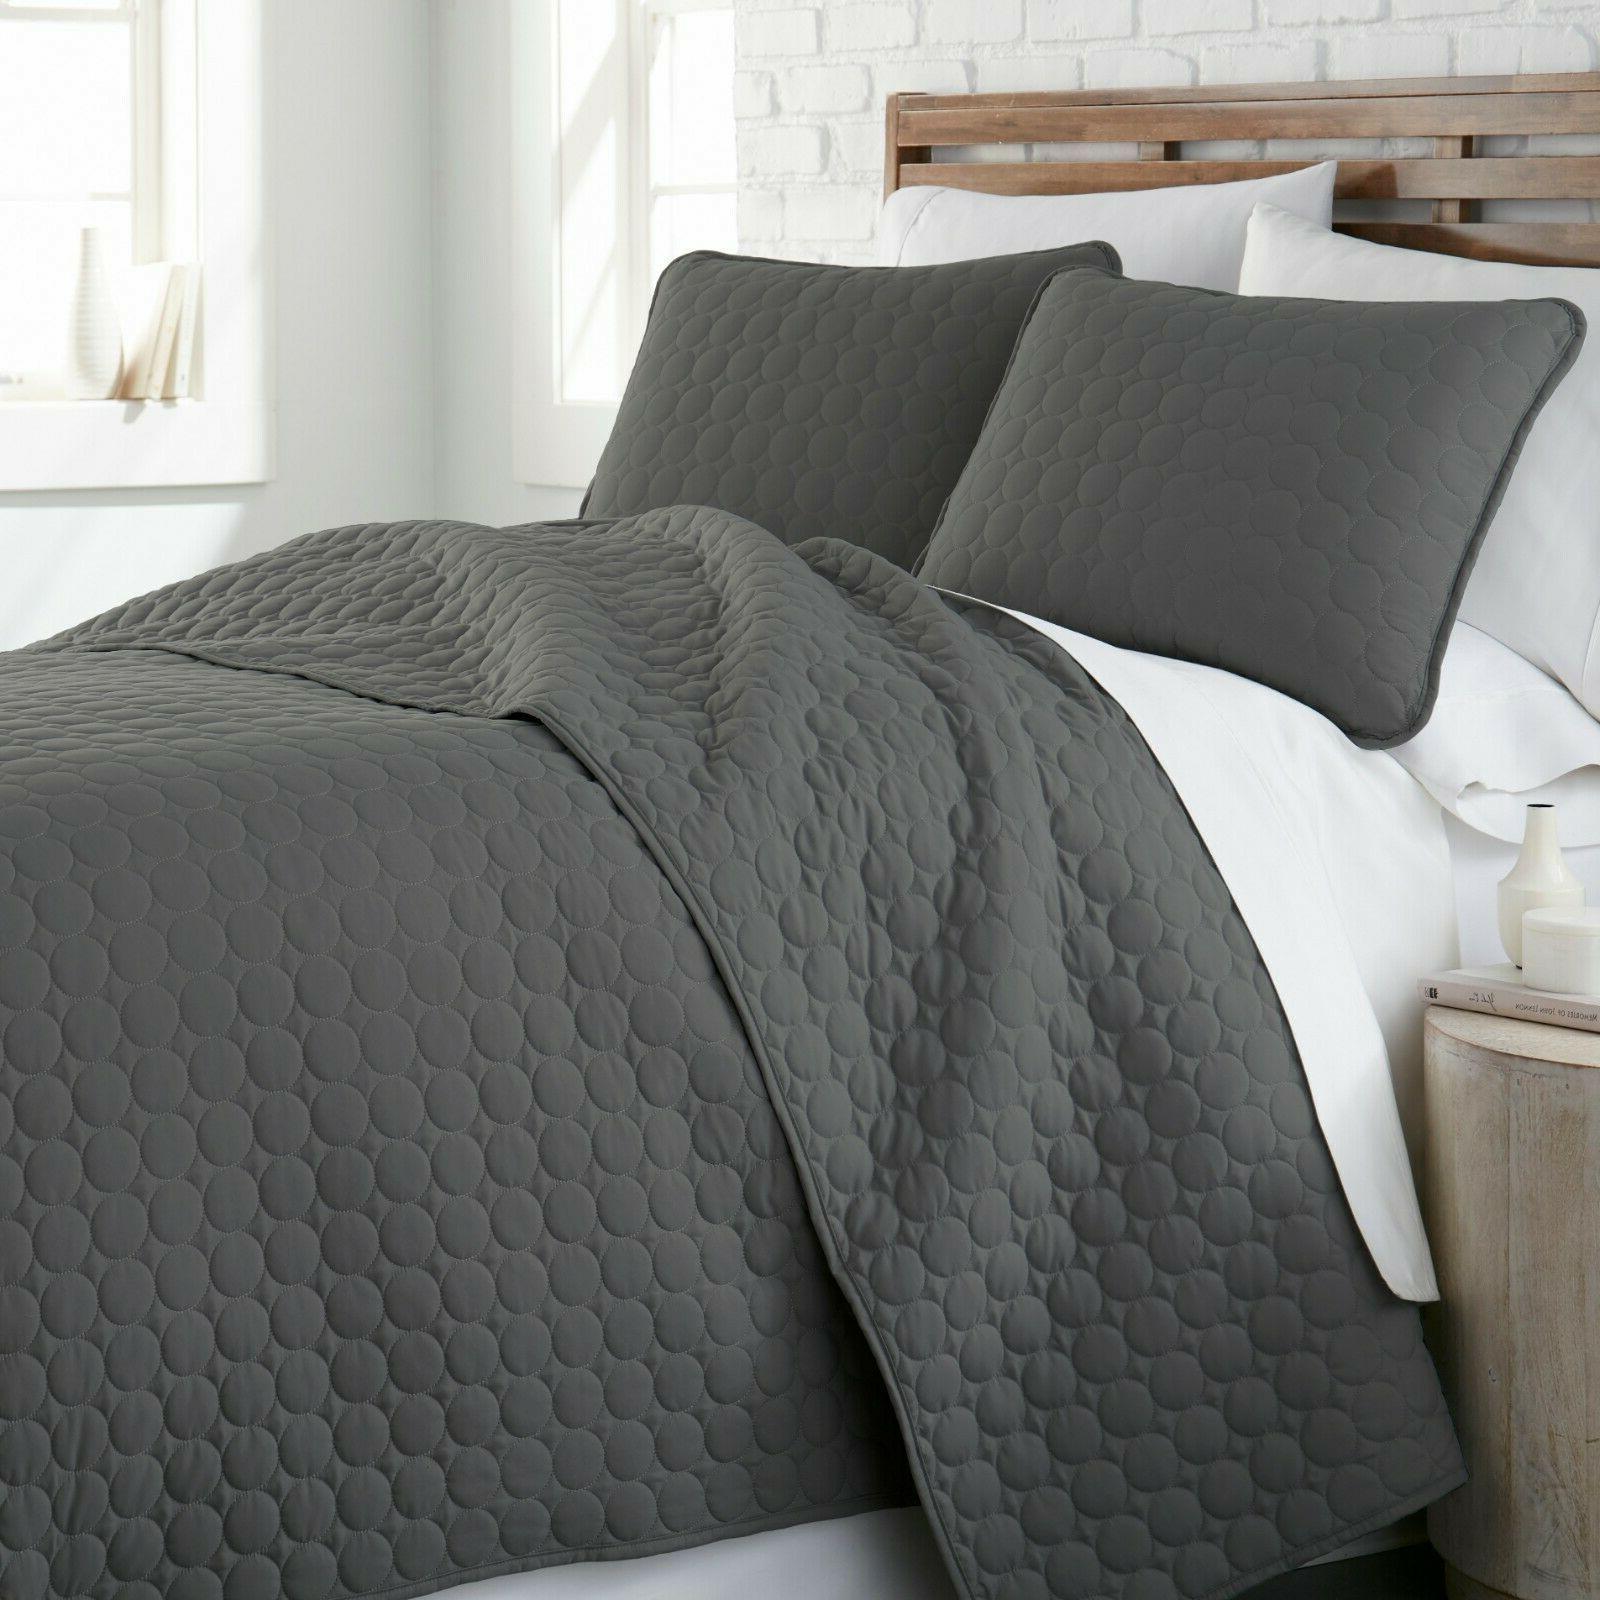 Ultra Soft Stitched 3-Piece Quilt Southshore Fine